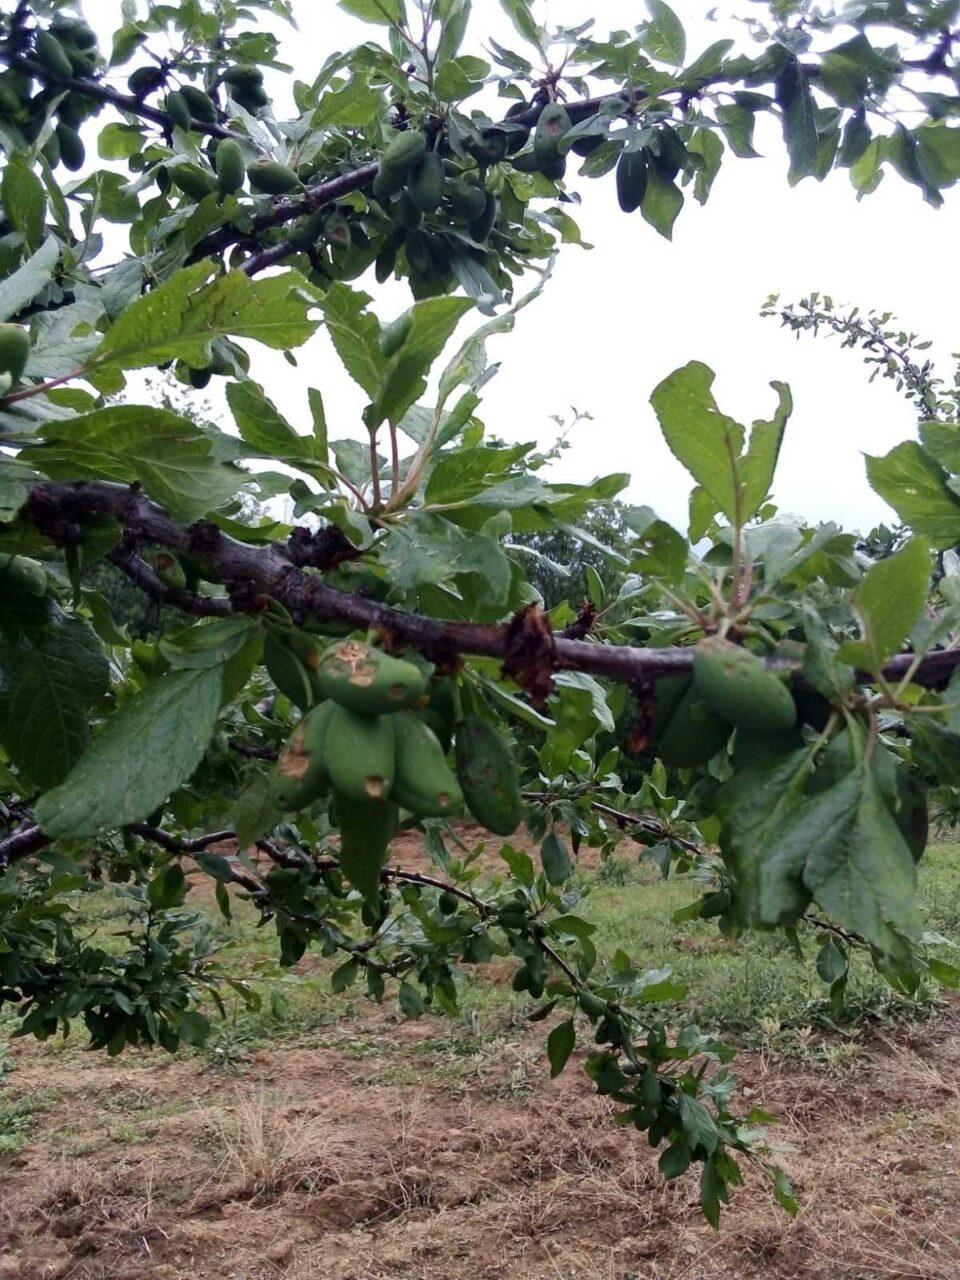 ФОТО: Невреме со град уништи бројни овоштарници во Делчевско